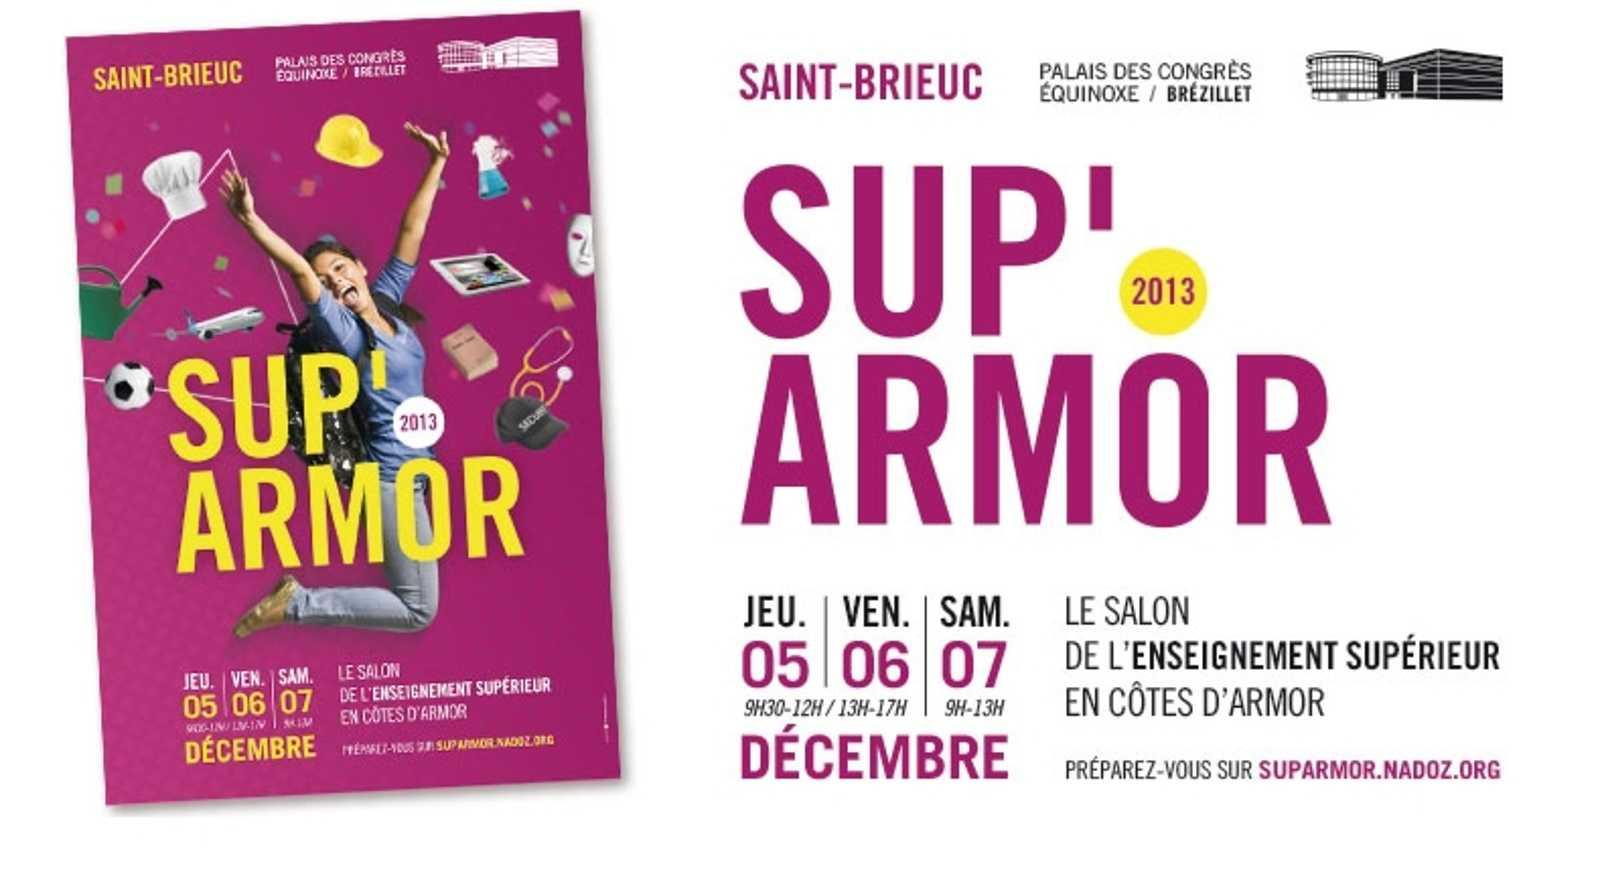 Suparmor : 5-6-7 décembre, Brézillet, St BRieuc 0